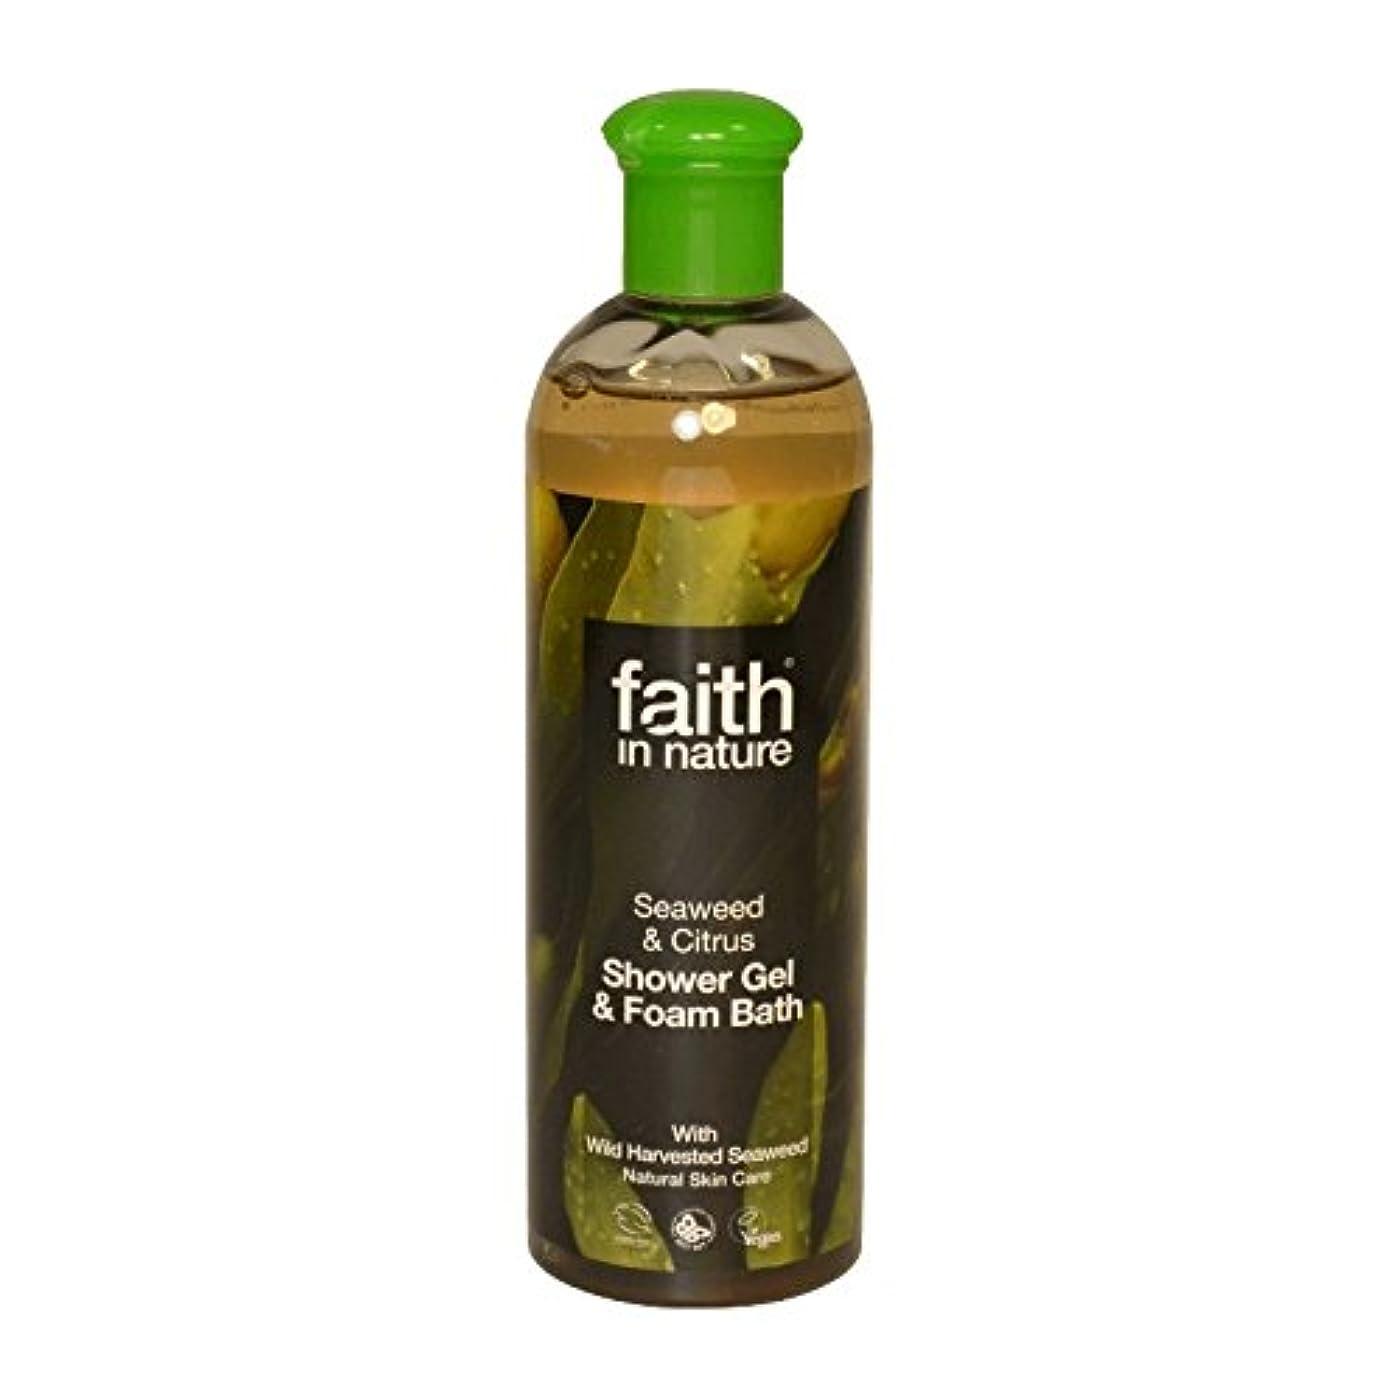 スタックブラウス礼儀自然の海藻&シトラスシャワージェル&バス泡400ミリリットルの信仰 - Faith in Nature Seaweed & Citrus Shower Gel & Bath Foam 400ml (Faith in Nature...